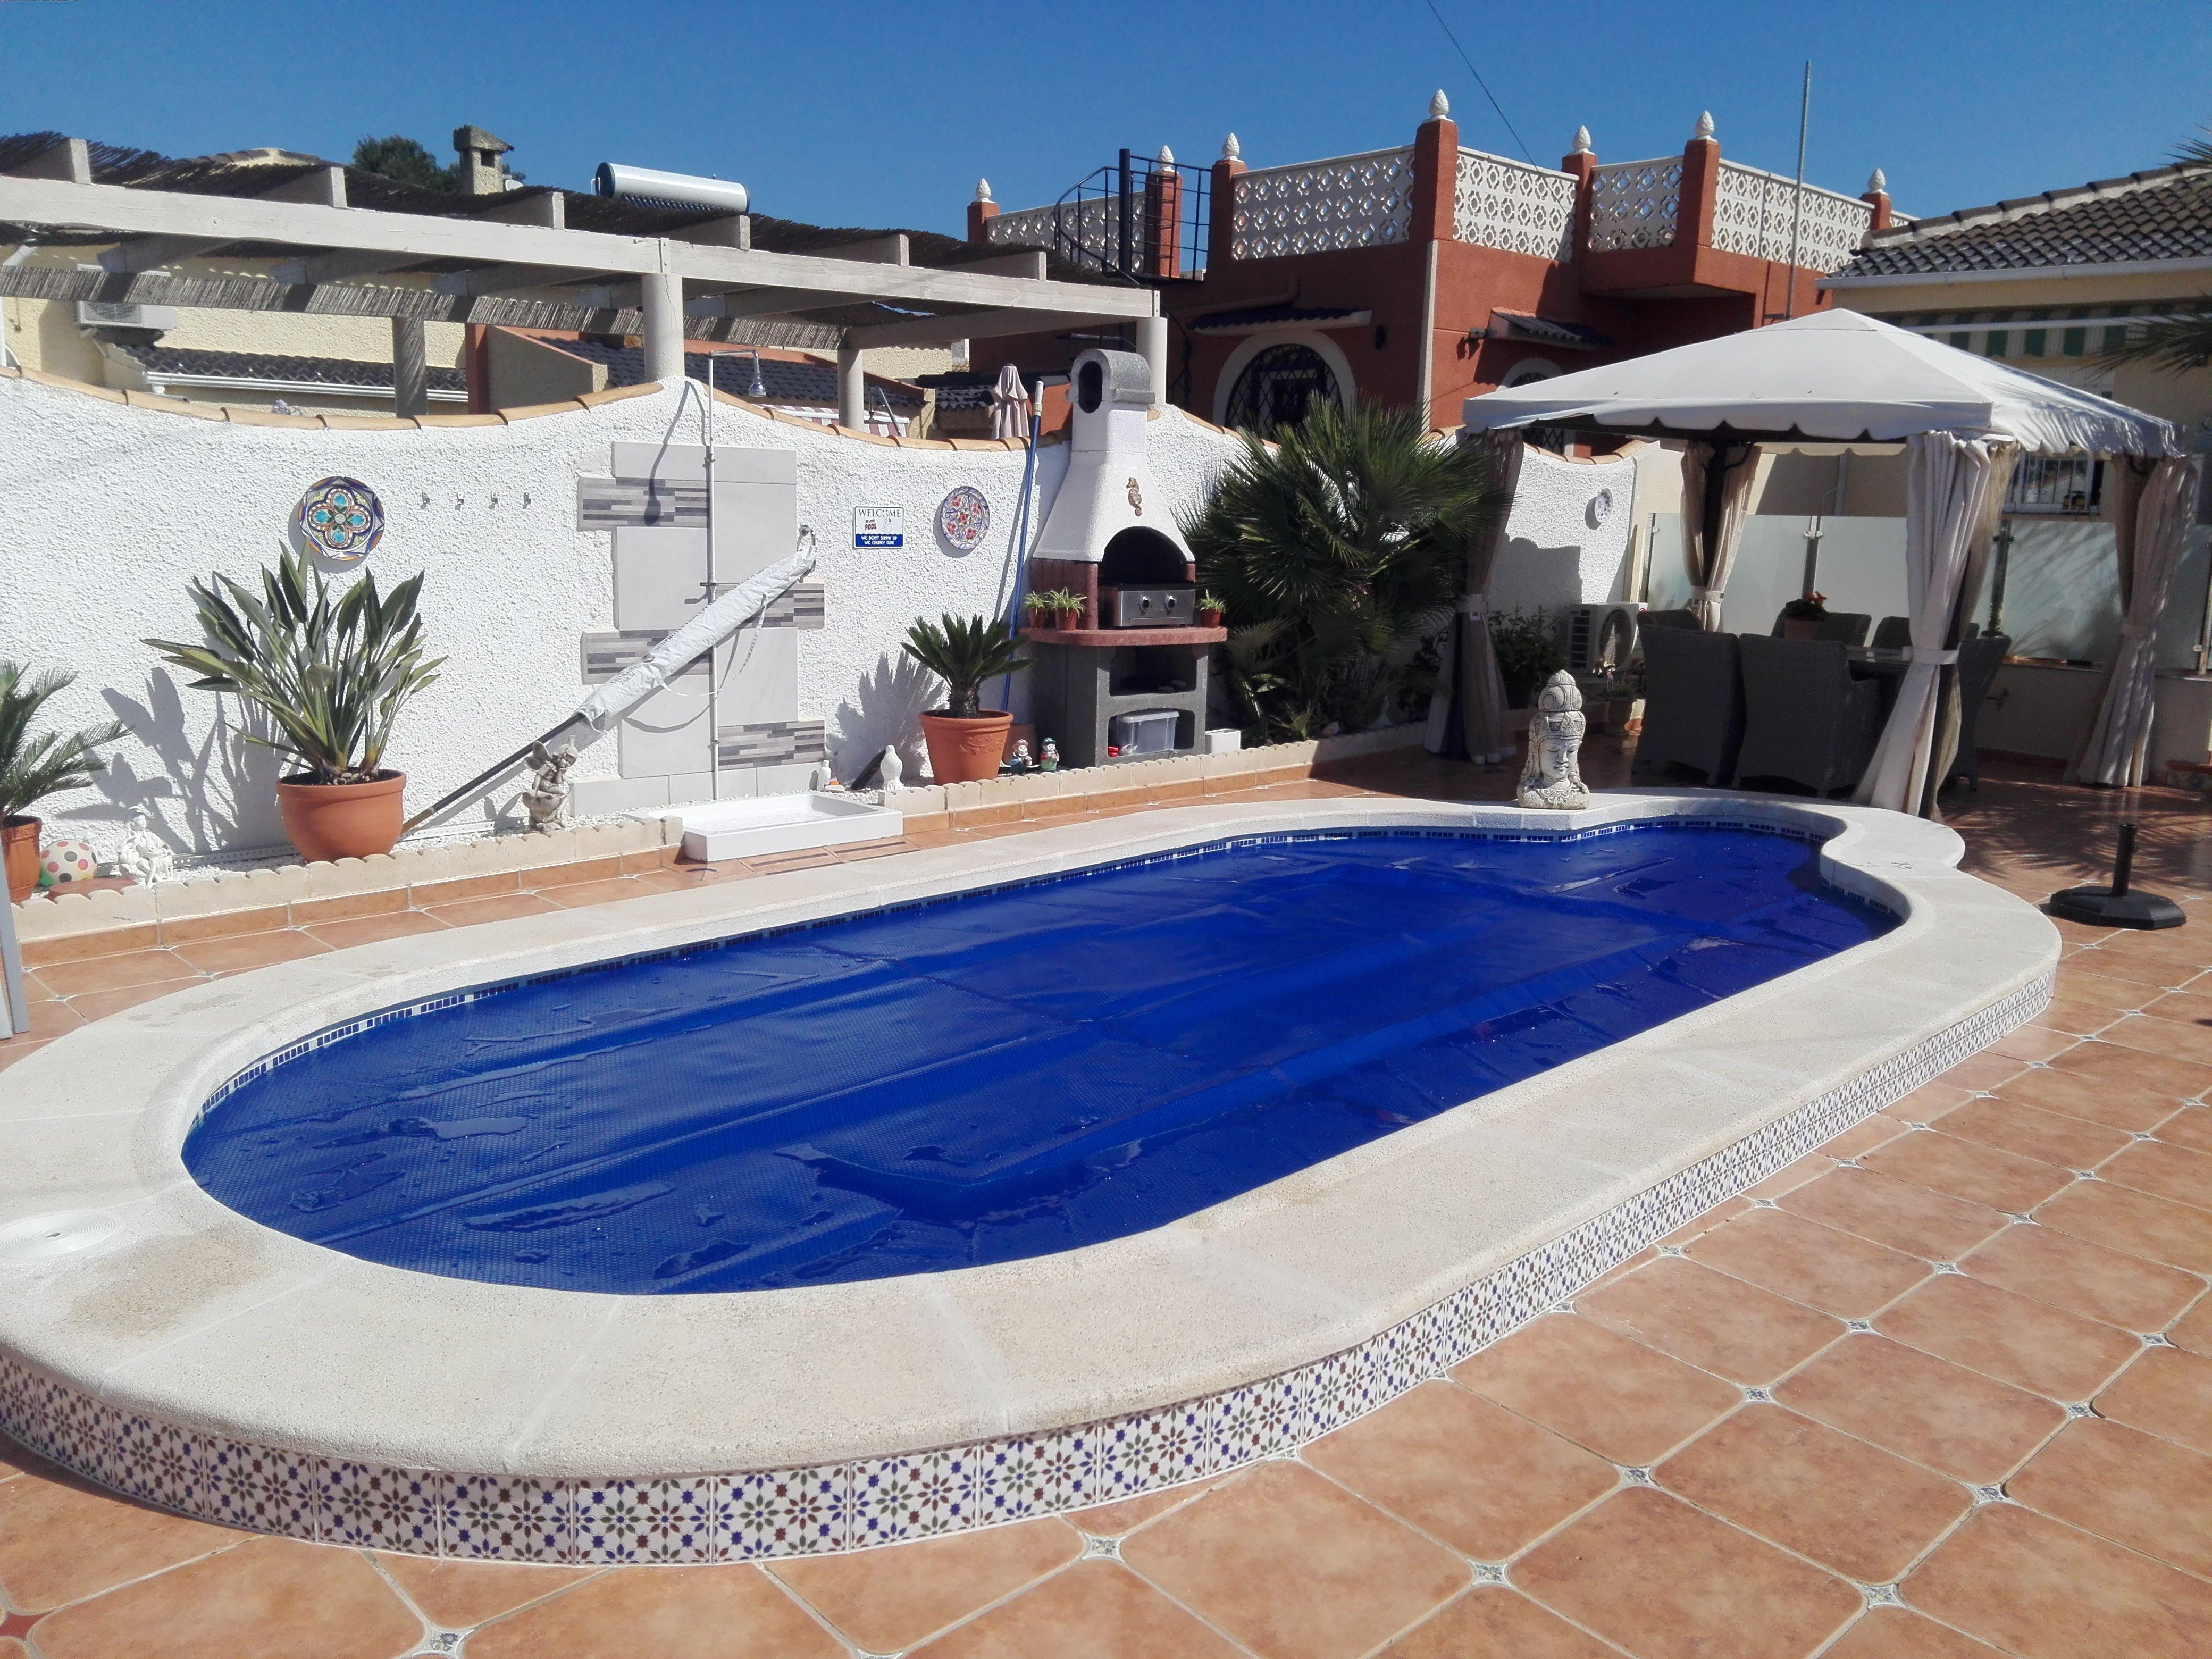 Lona de burbujas a precios muy economicos en formatos en diferentes medidas para calentar - Lonas para piscinas a medida ...